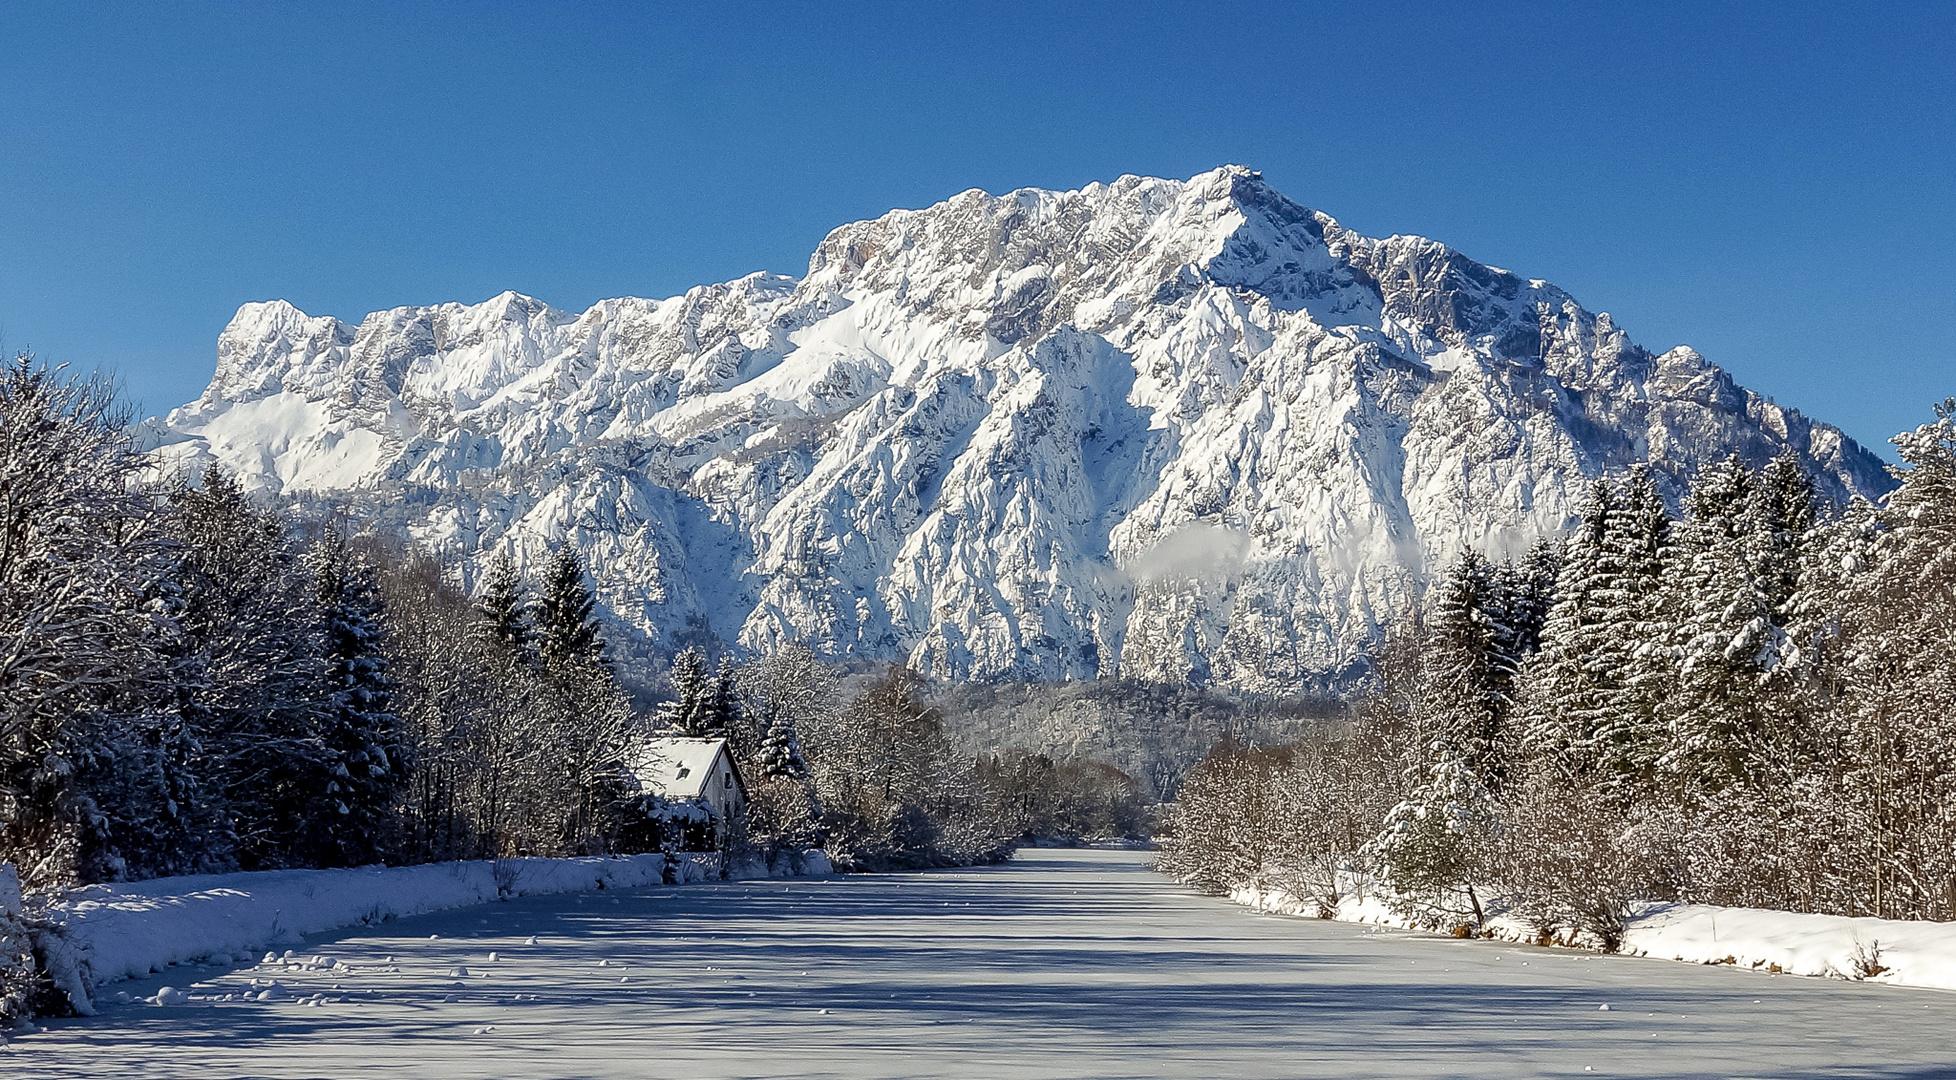 Frozen es wird kalt...Gedanken über die Natur.